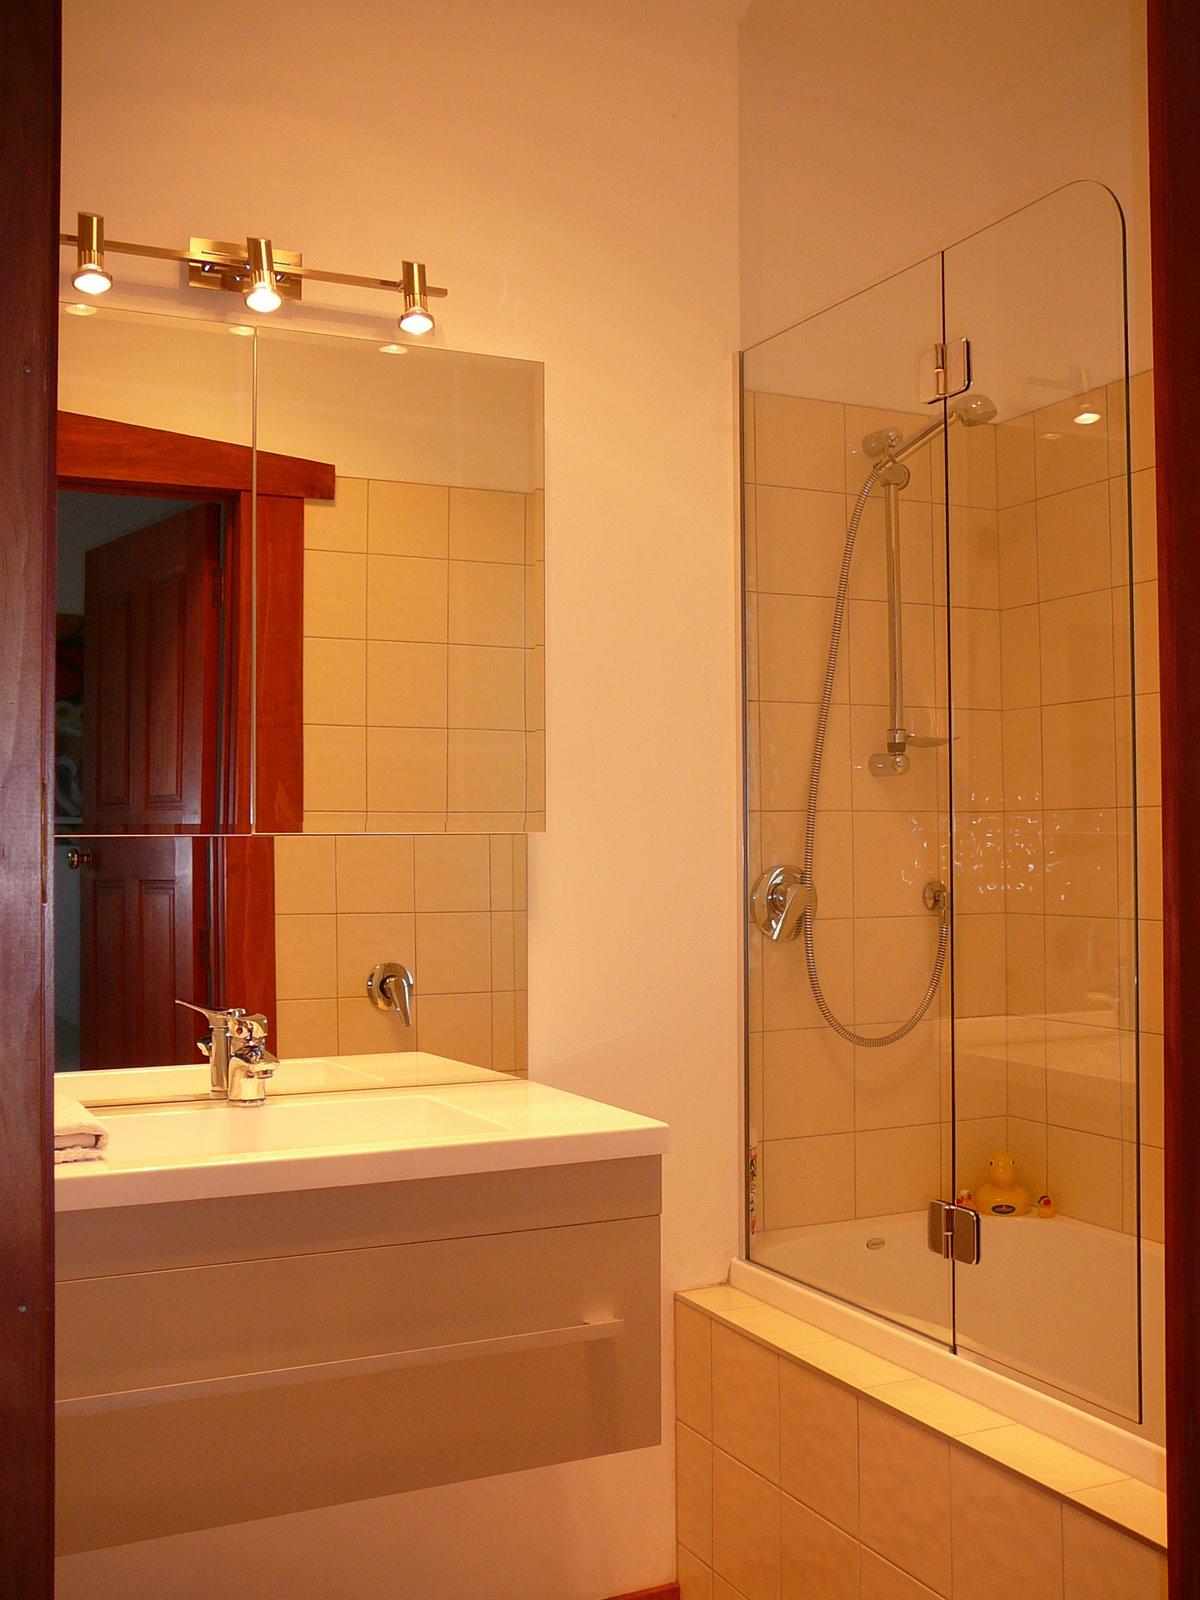 [wwwP1070772bathroom-vanity+.jpg]